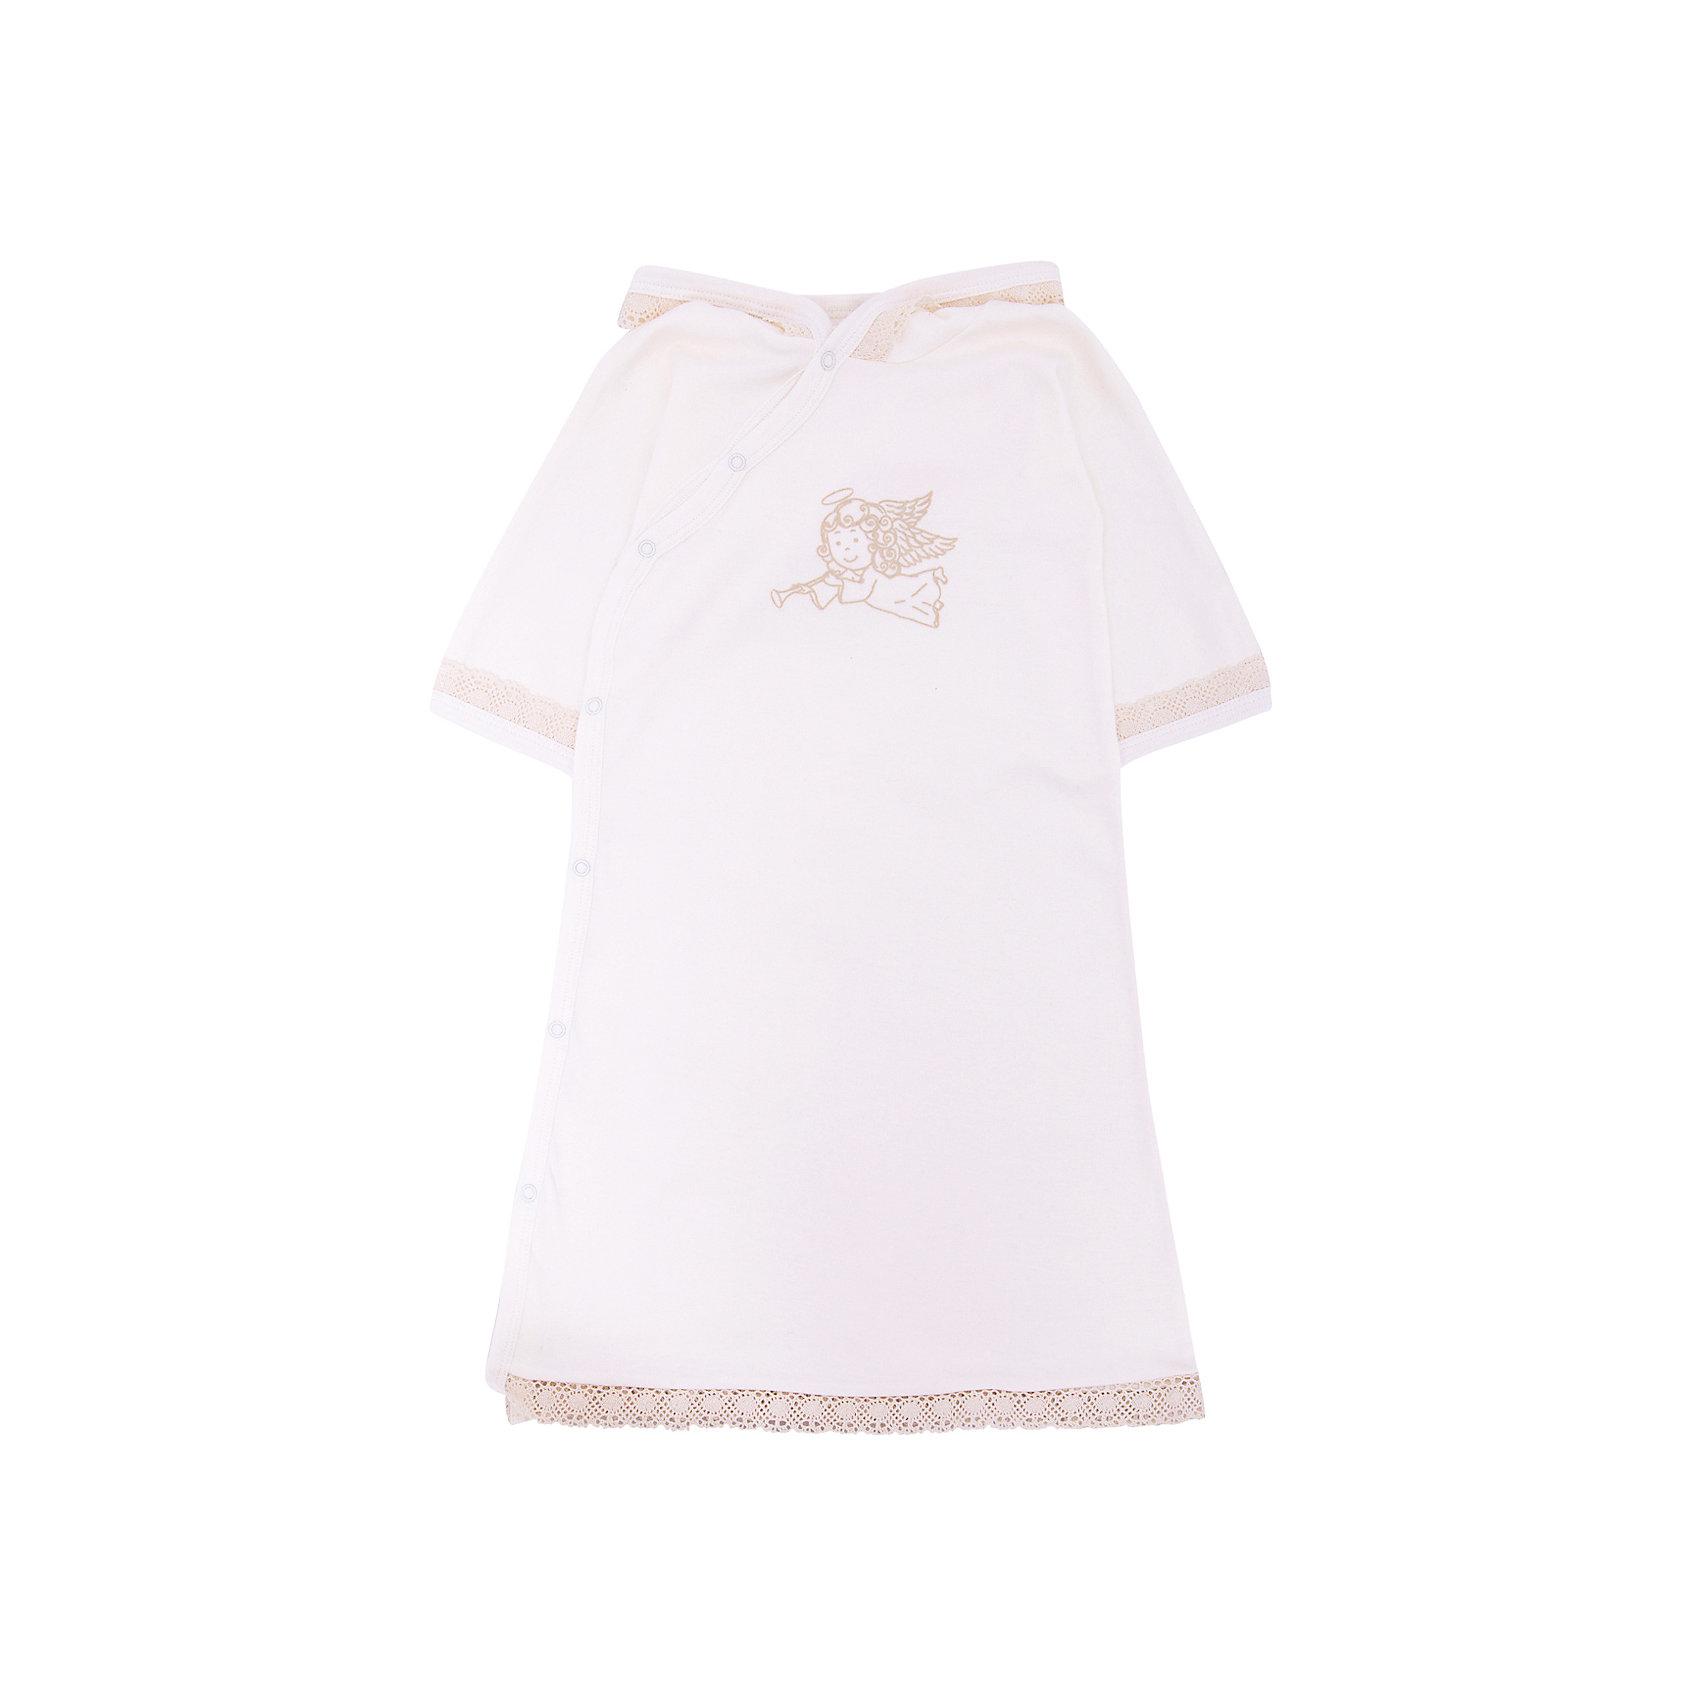 Крестильное платье с капюшоном, тесьма, р-р 86, NewBorn, белыйНаборы одежды, конверты на выписку<br>Характеристики:<br><br>• Вид детской одежды: платье с капюшоном<br>• Предназначение: для крещения<br>• Коллекция: NewBorn<br>• Сезон: круглый год<br>• Пол: для девочки<br>• Тематика рисунка: ангелы<br>• Размер: 86<br>• Цвет: белый, золотистый<br>• Материал: трикотаж, хлопок<br>• Длина рукава: короткие<br>• Запах: спереди<br>• Застежка: спереди на кнопке<br>• Наличие капюшона<br>• Декорировано широкой тесьмой из шитья <br>• Передняя полочка украшена термонаклейкой в виде ангела<br>• Особенности ухода: допускается деликатная стирка без использования красящих и отбеливающих средств<br><br>Крестильное платье с капюшоном, тесьма, р-р 86, NewBorn, белый из коллекции NewBorn от отечественного швейного производства ТексПром предназначено для создания праздничного образа девочки во время торжественного обряда крещения. Платье представлено в коллекции NewBorn, которая сочетает в себе классические и современные тенденции в мире моды для новорожденных, при этом при технологии изготовления детской одежды сохраняются самые лучшие традиции: свободный крой, внешние швы и натуральные ткани. Платье с короткими рукавами и капюшоном выполнено из трикотажа, все края обработаны трикотажной бейкой золотистого цвета. Изделие имеет передний запах с застежками на кнопках, что обеспечивает его легкое одевание. Праздничный образ создается за счет отделки рукавов, капюшона и низа платья широким кружевом золотистого цвета и термонаклейки на передней полочке в виде ангела. <br><br>Крестильное платье с капюшоном, тесьма, р-р 86, NewBorn, белый можно купить в нашем интернет-магазине.<br><br>Ширина мм: 220<br>Глубина мм: 5<br>Высота мм: 400<br>Вес г: 200<br>Возраст от месяцев: 12<br>Возраст до месяцев: 18<br>Пол: Женский<br>Возраст: Детский<br>SKU: 4912519